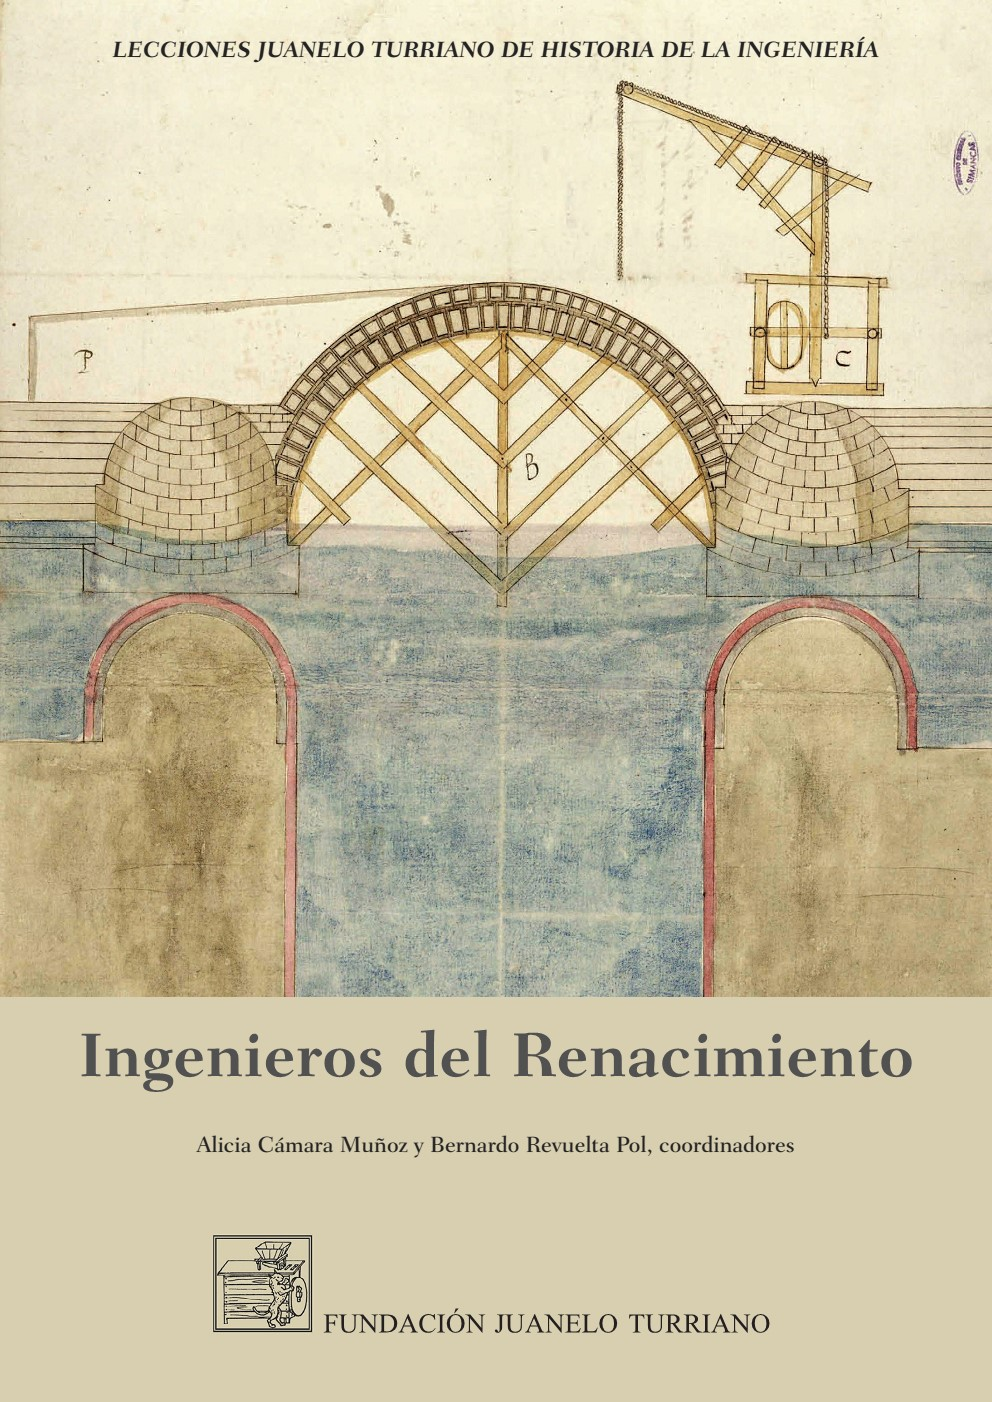 Ingenieros del Renacimiento. Nueva publicación